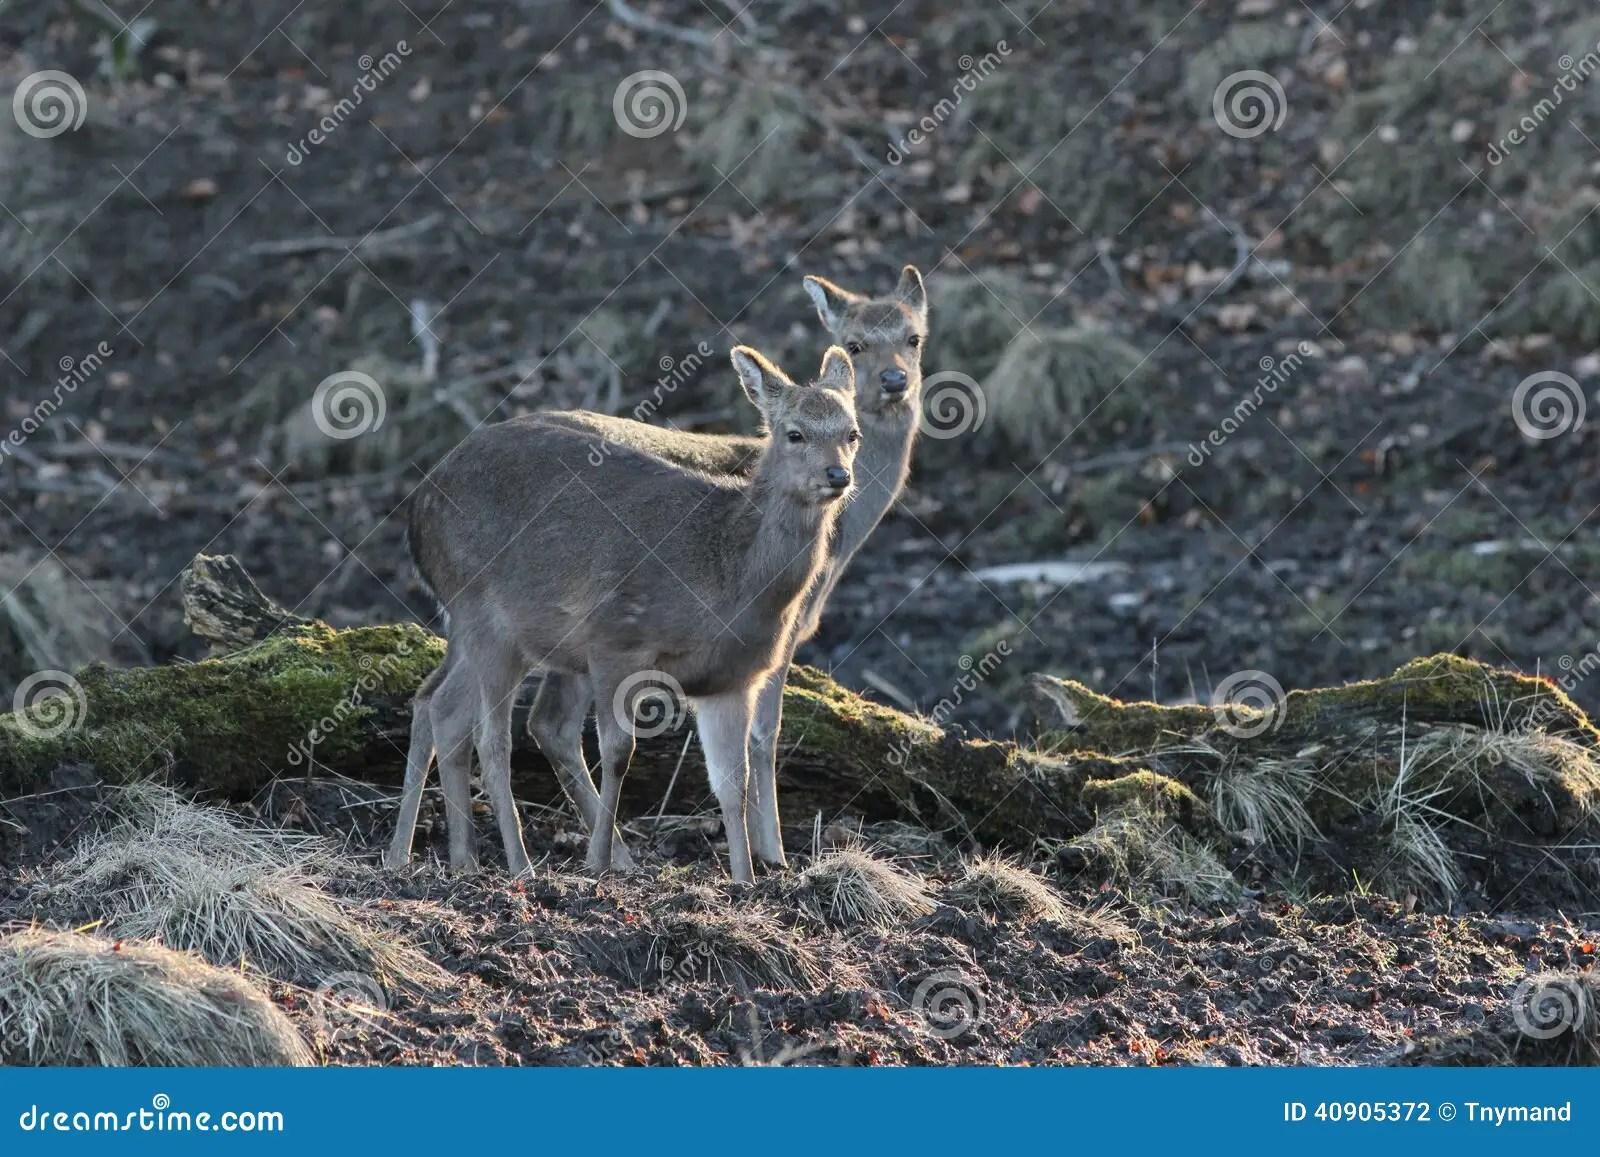 Wild Deer In Natural Habitat Stock Photo